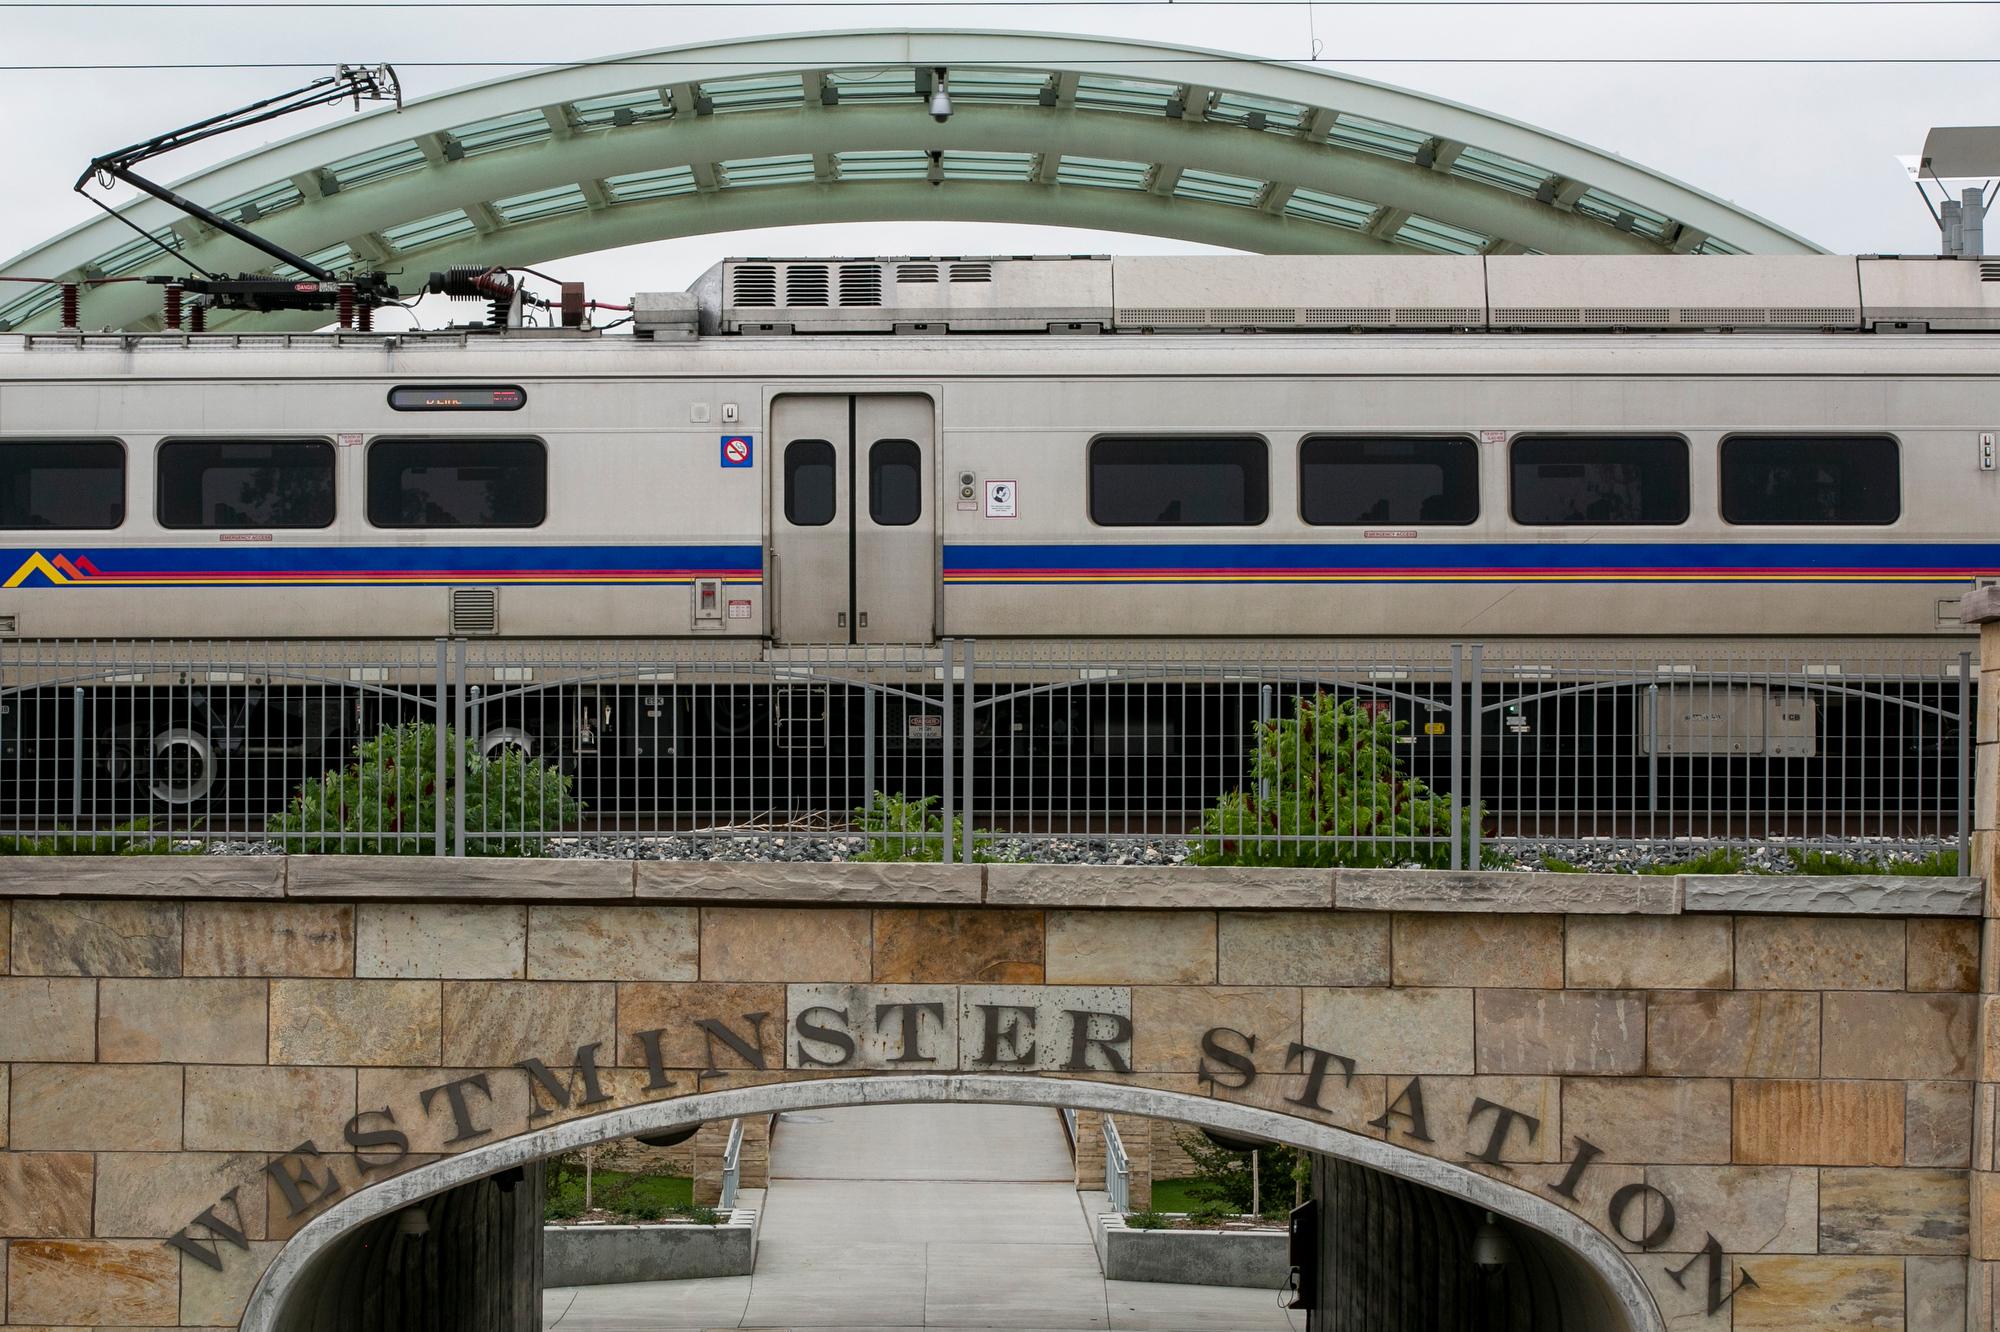 200910-RTD-BOULDER-TRAIN-WESTMINSTER-STATION-B-LINE